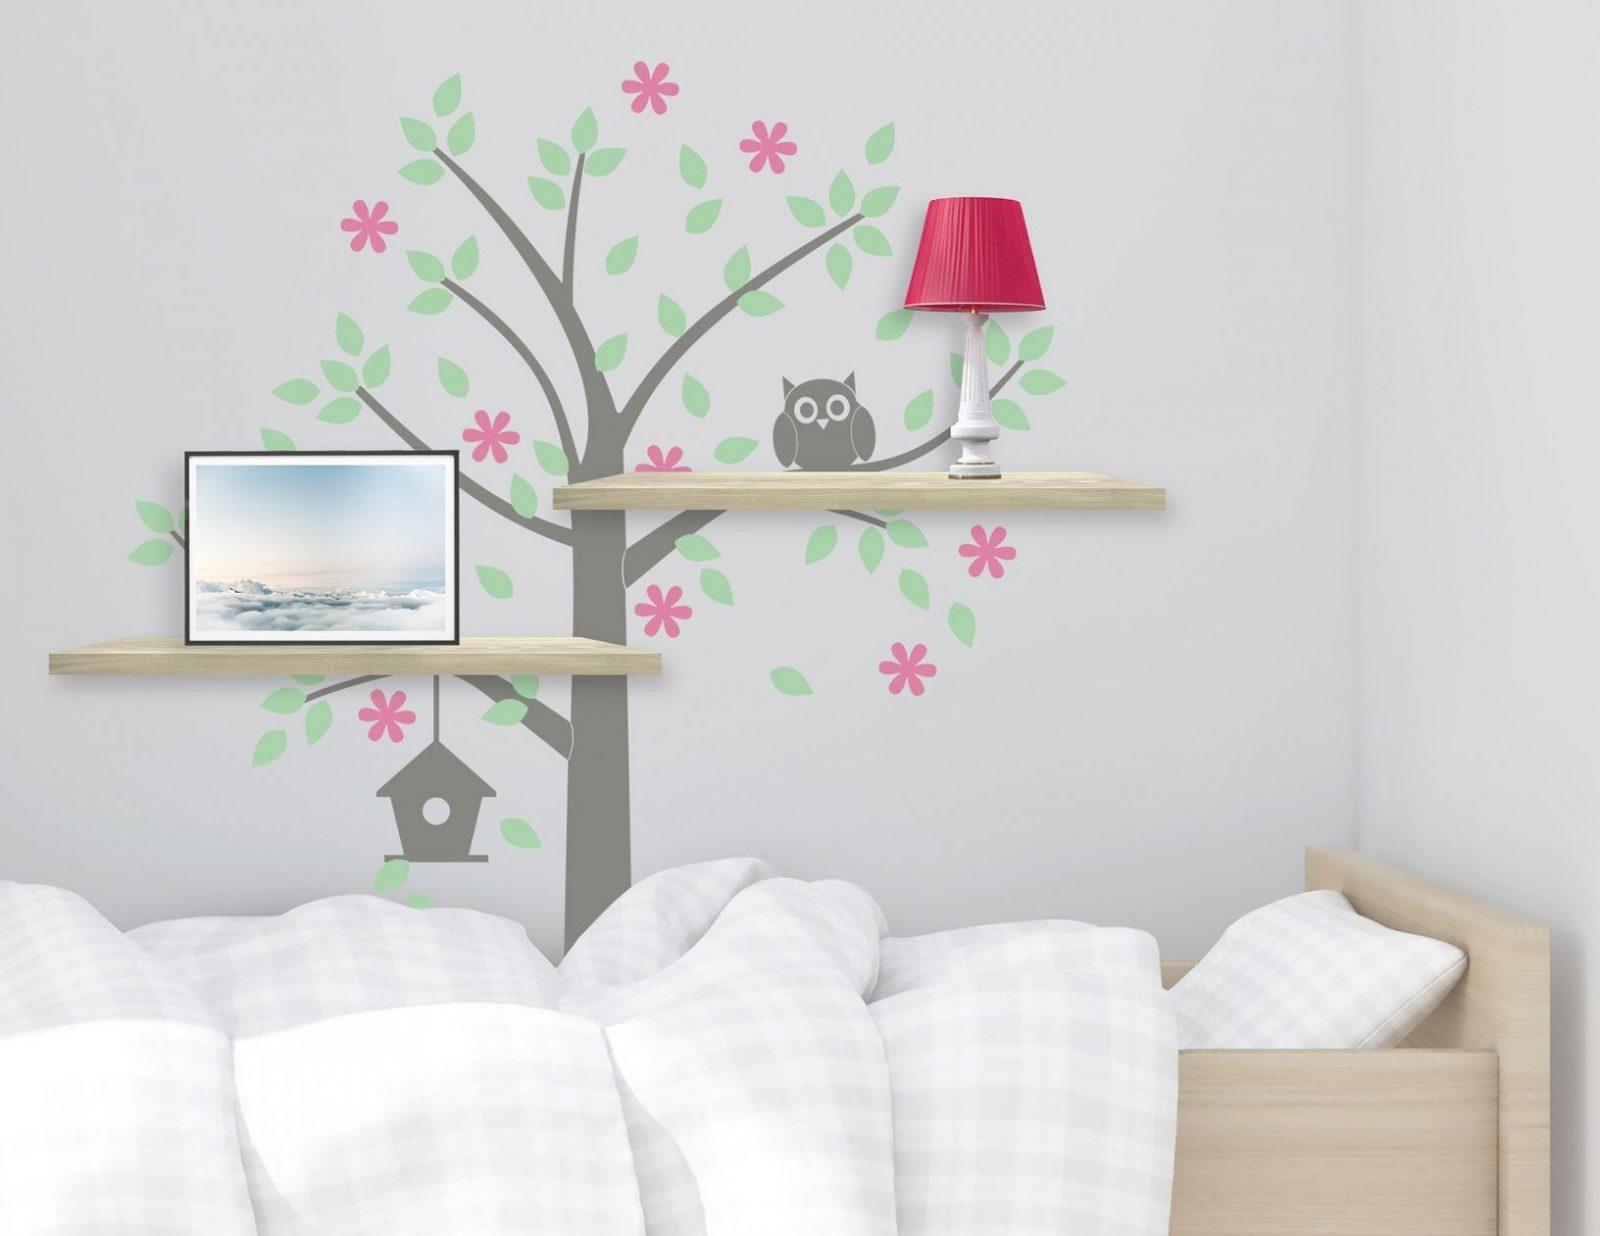 Wandtattoo Mit Eigenem Motiv Schön Wandtattoo Baum Mit Eule Süßes von Wandtattoo Mit Eigenem Foto Photo